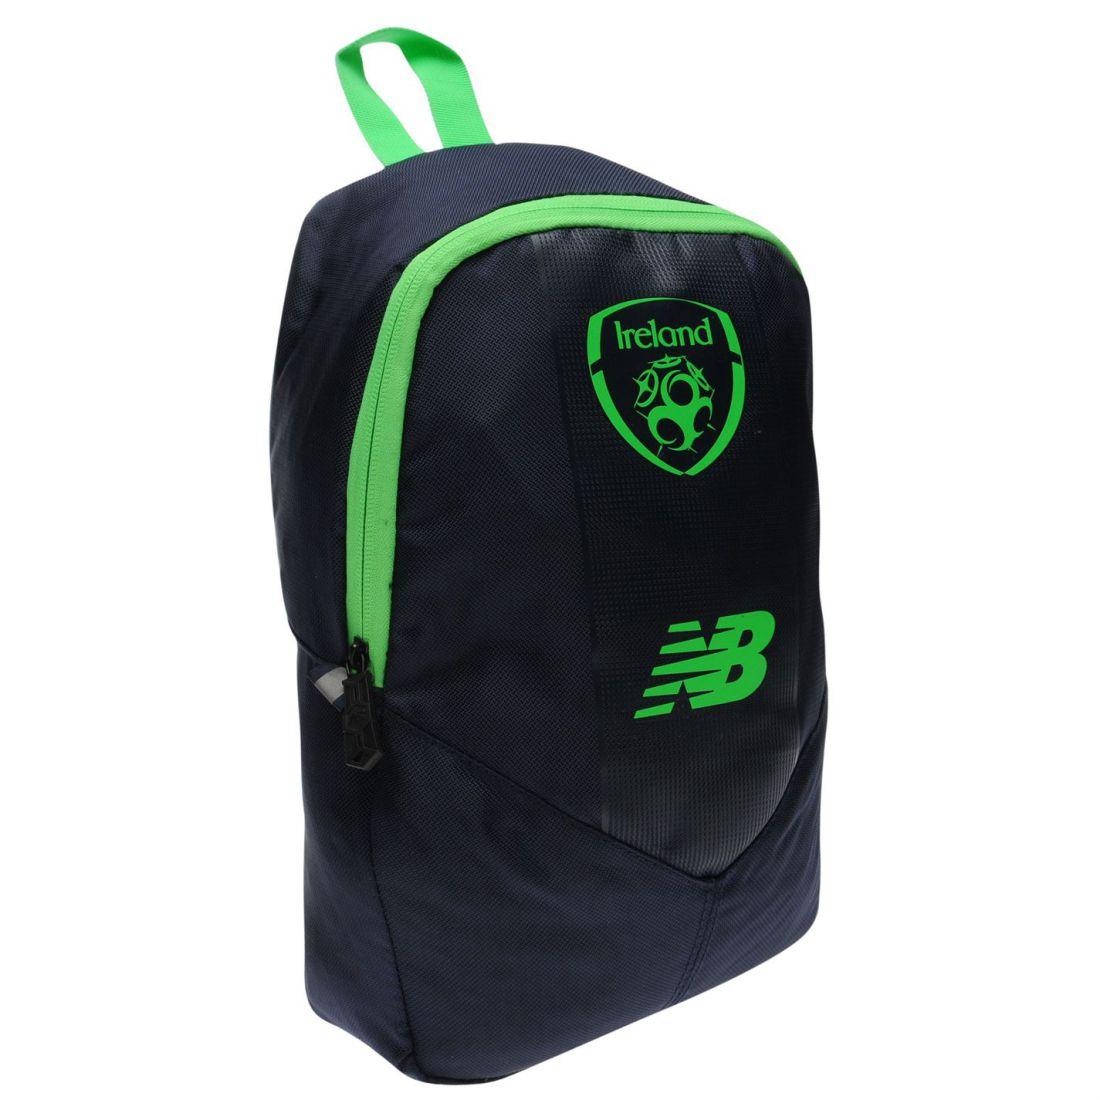 Details about New Balance Ireland Boot Bag Shoe Zip Football Training dd2ff414a6d30